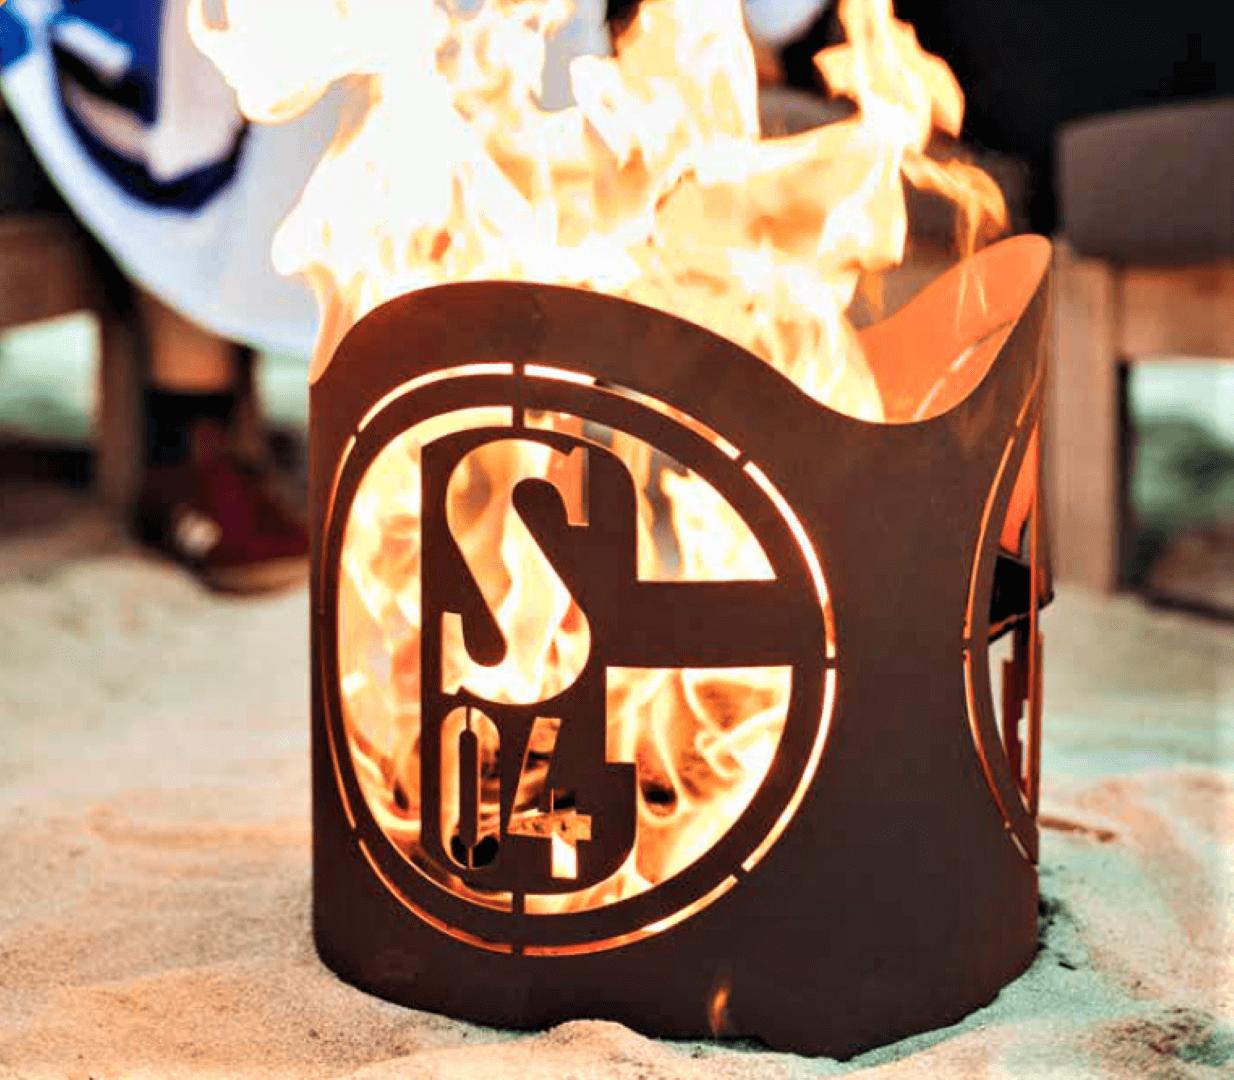 Fanshop-Artikel FCS04 Feuerkorb rund